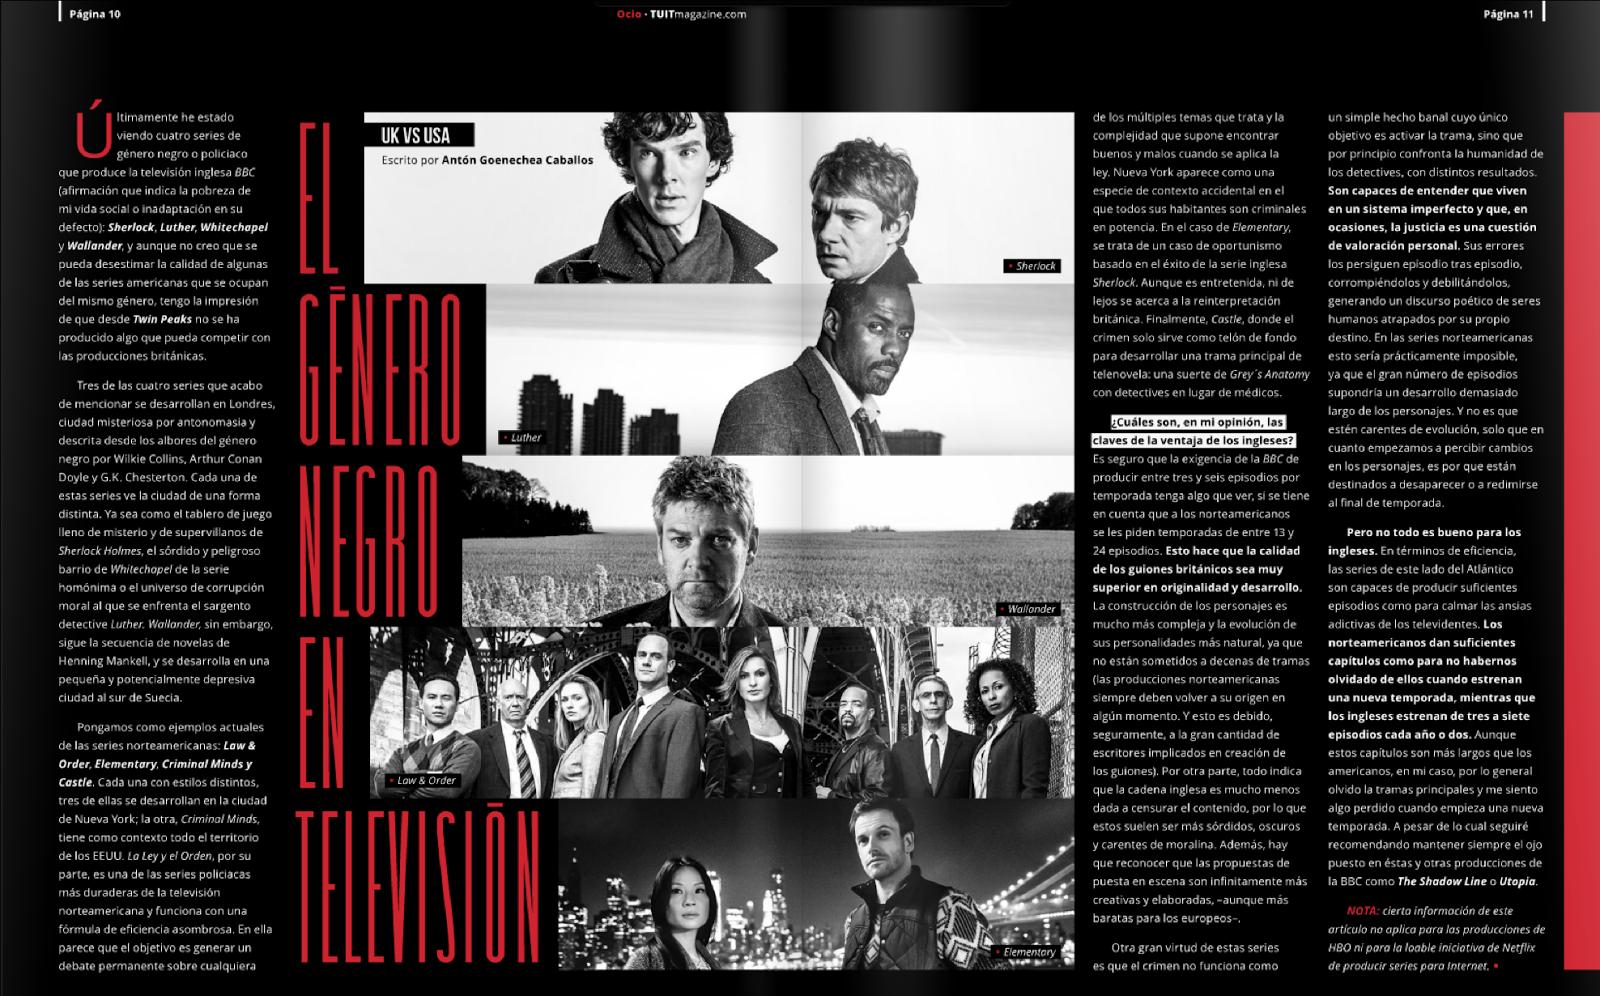 El genero negro en televisión